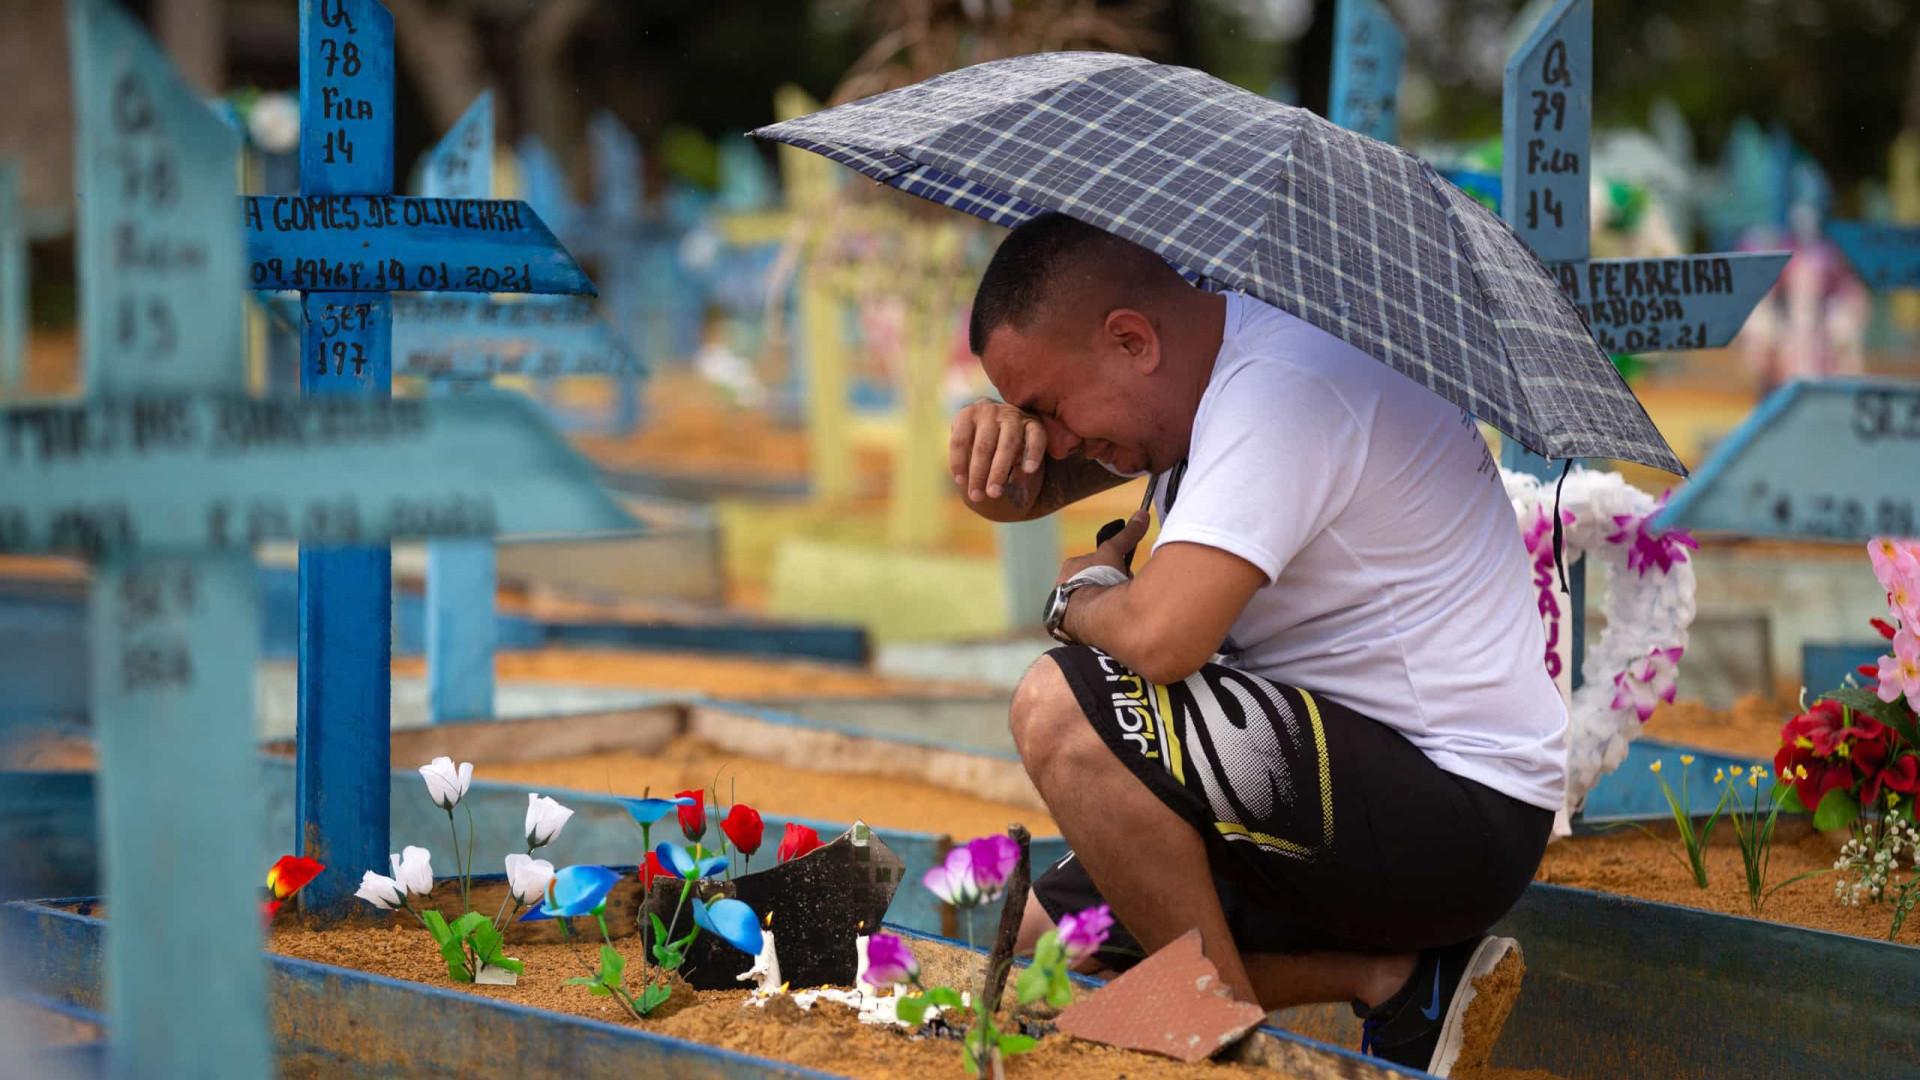 Brasil registra 2.997 mortes e 95.367 novos casos de covid-19 em 24h